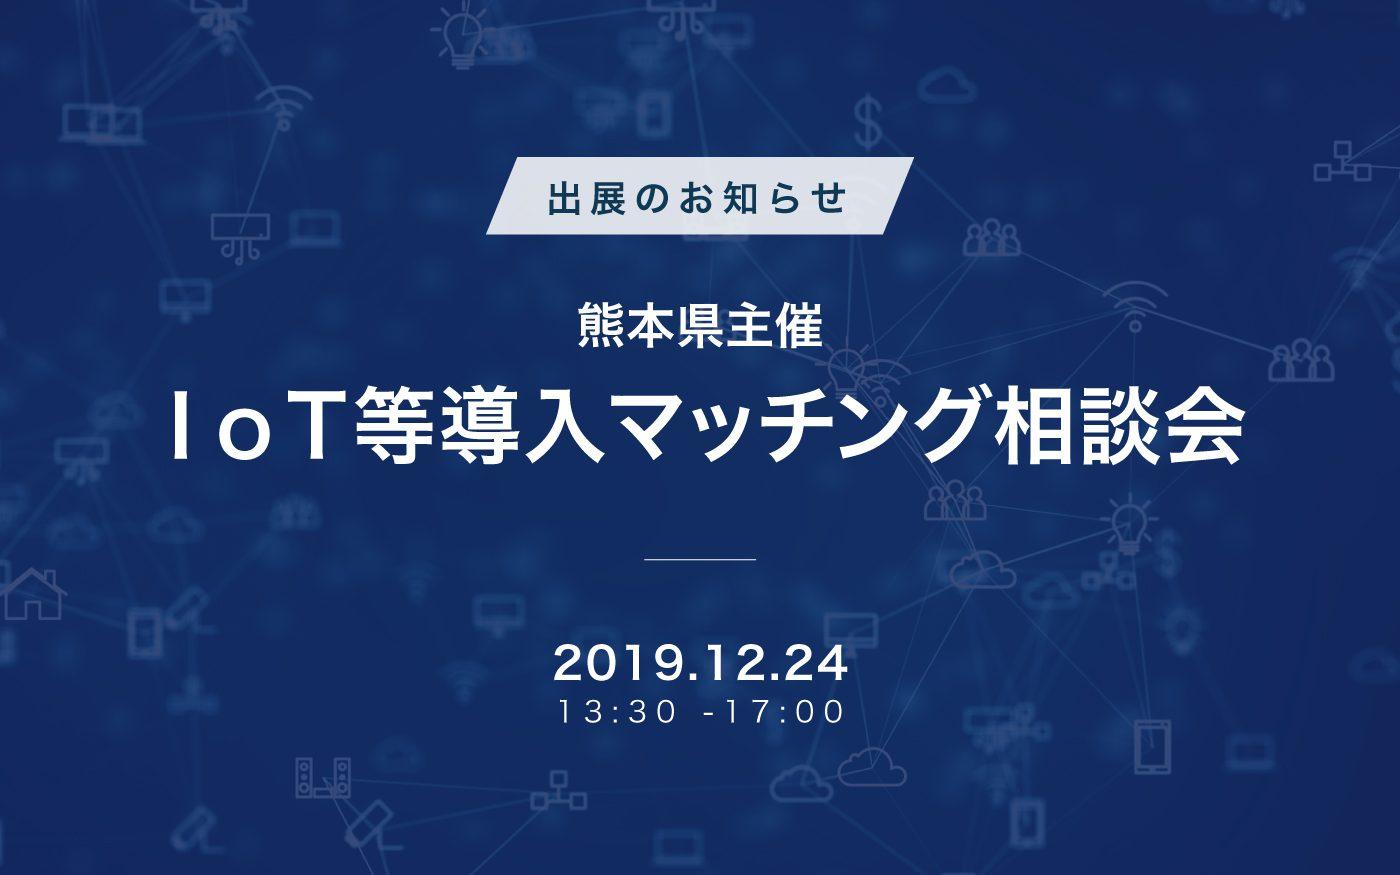 熊本県主催「IoT等導入マッチング相談会」出展のお知らせ